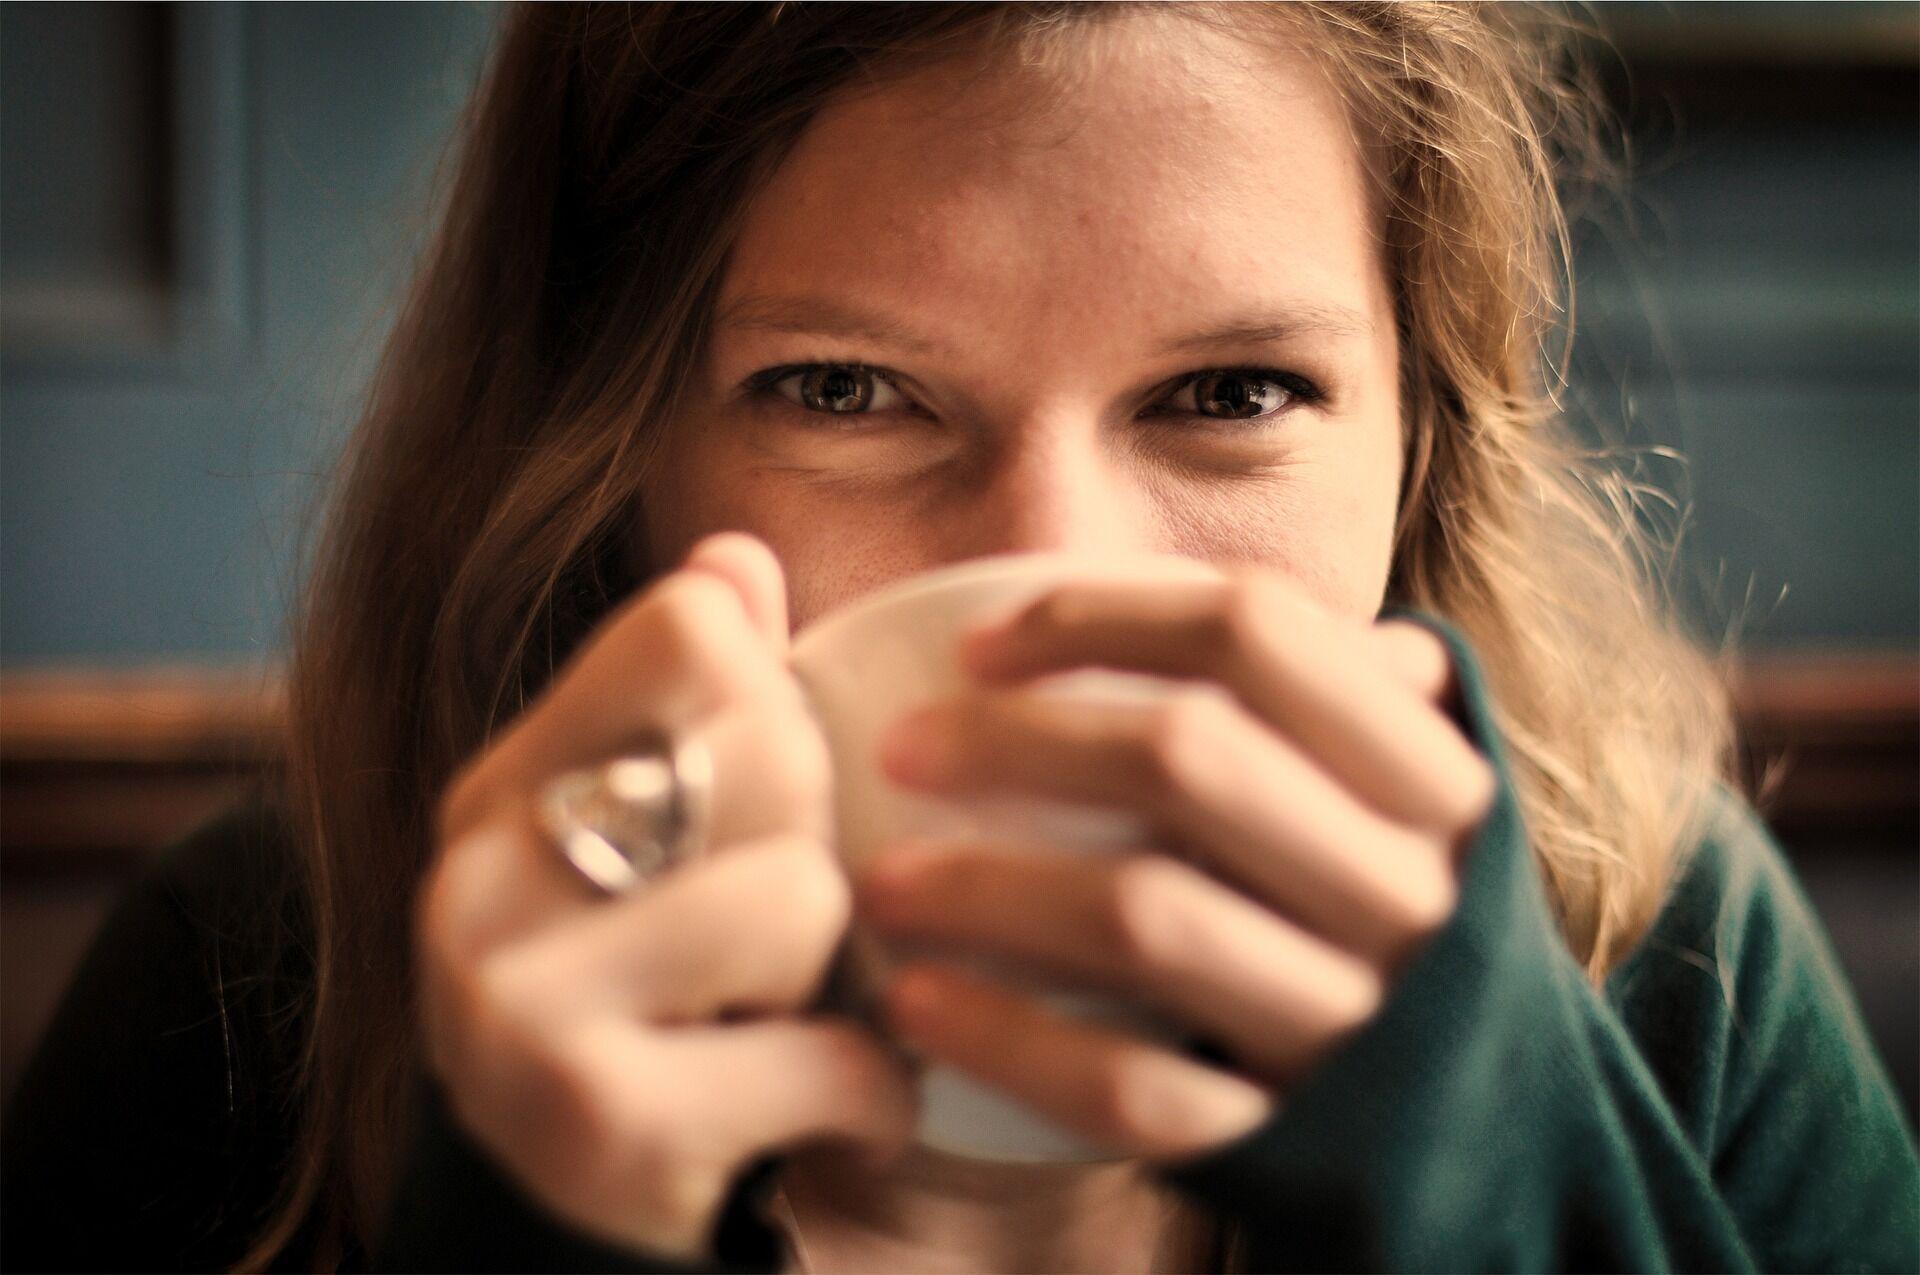 У чорногорців не заведено пити чай, зате гарно розвинена культура приготування кави